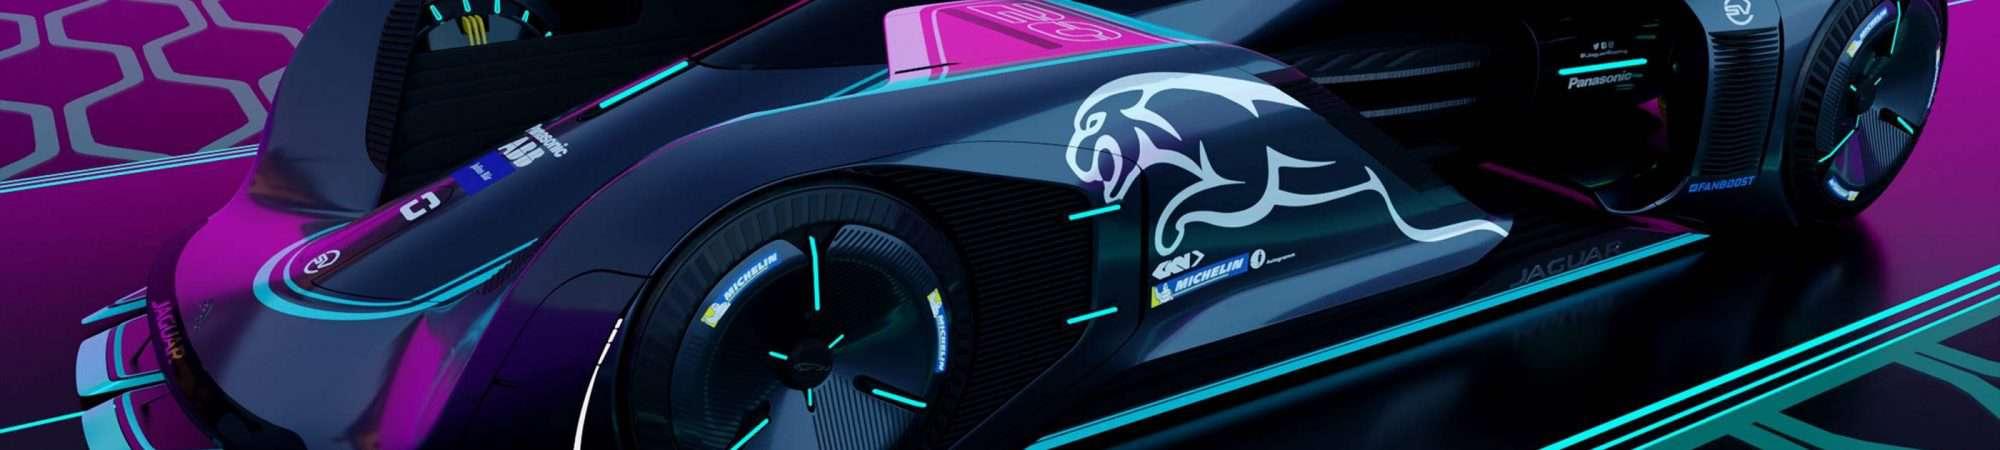 Jaguar 0-Type, conceito criado pelo designer coreano